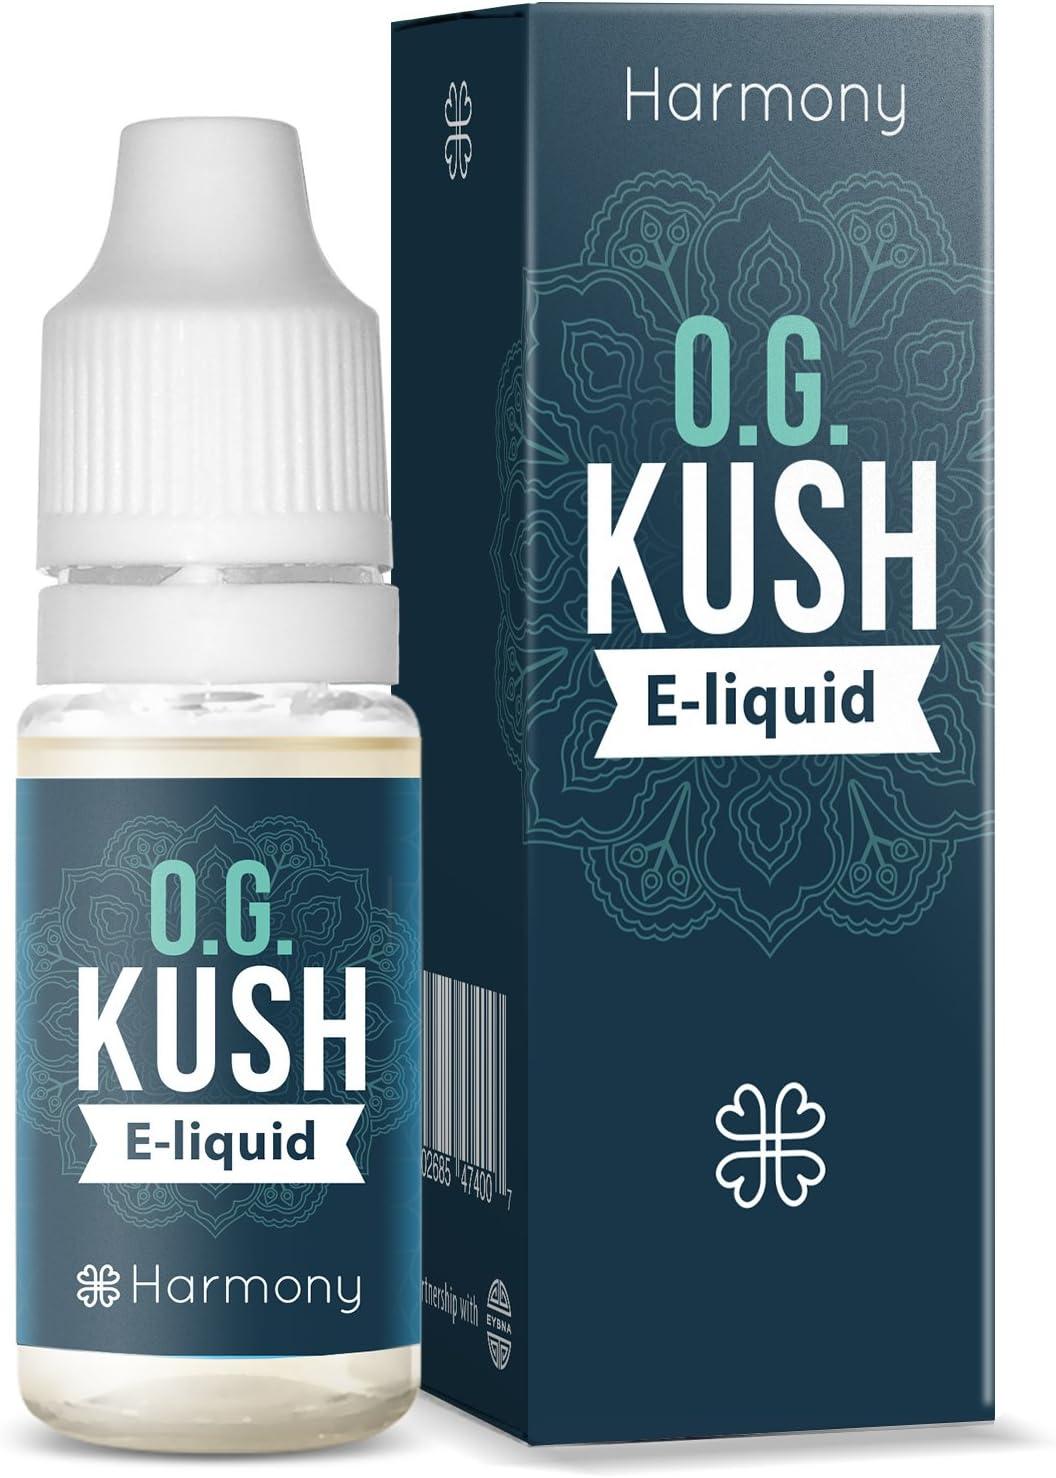 Harmony E-líquido de CBD (más de 99% pureza) - Terpenos de OG Kush - 300 mg CBD en 10 ml - Sin Nicotina